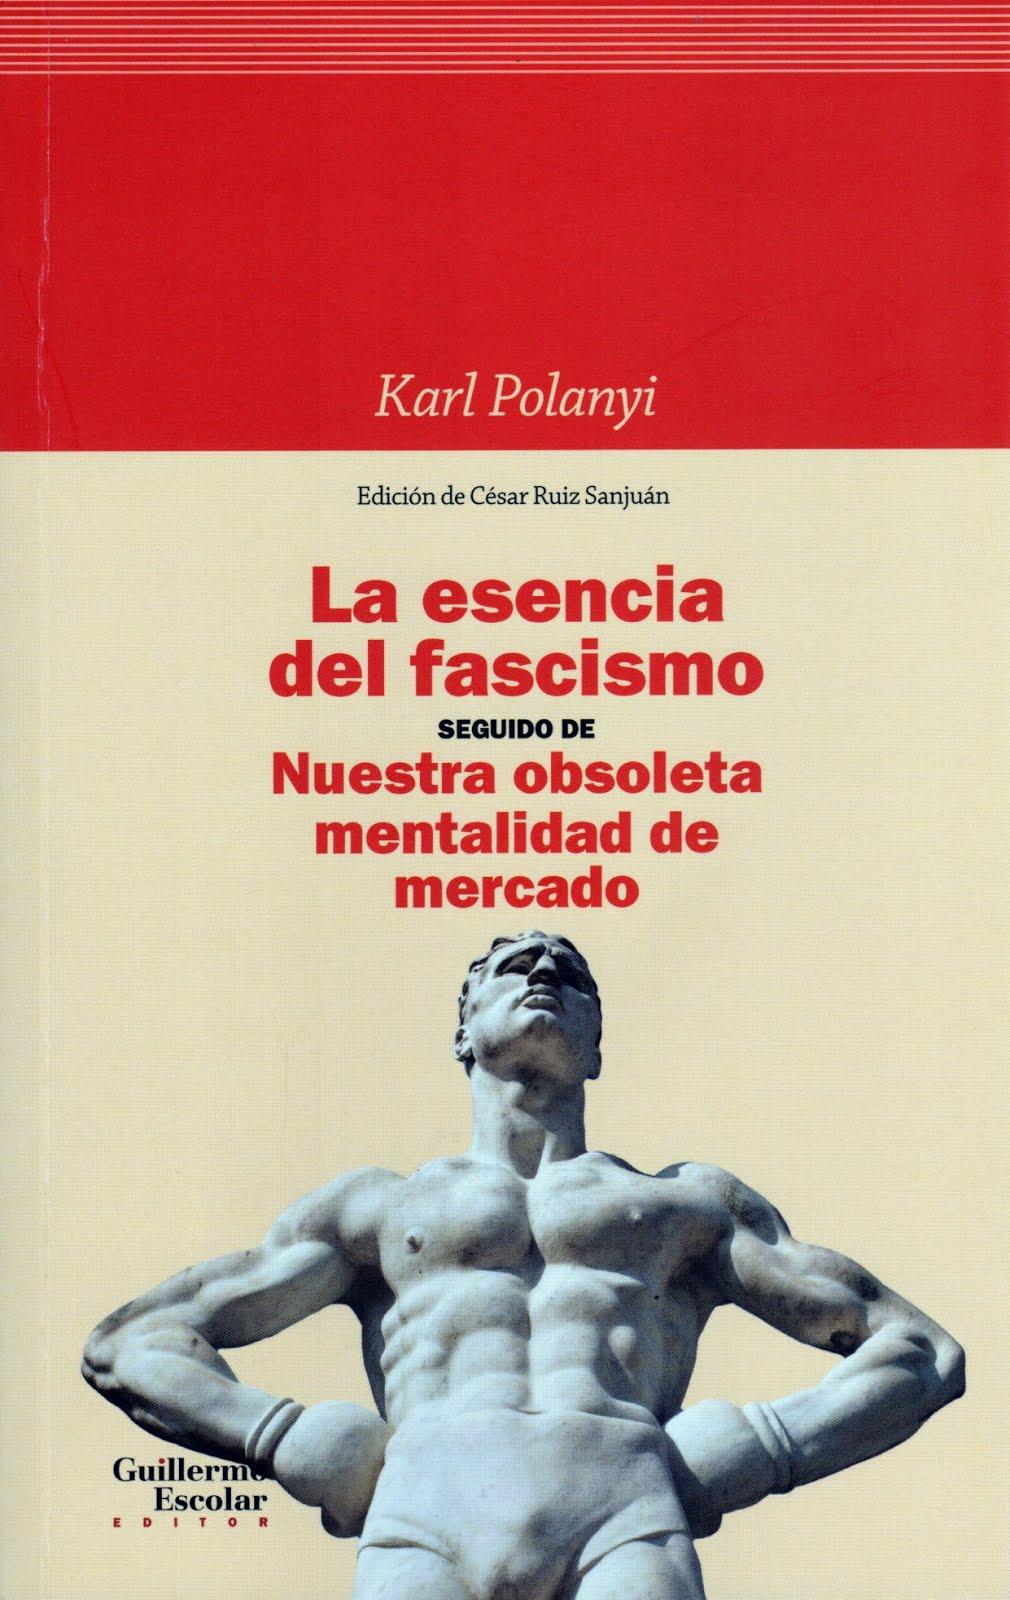 Karl Polanyi (La esencia del fascismo- Nuestra obsoleta mentalidad de mercado)